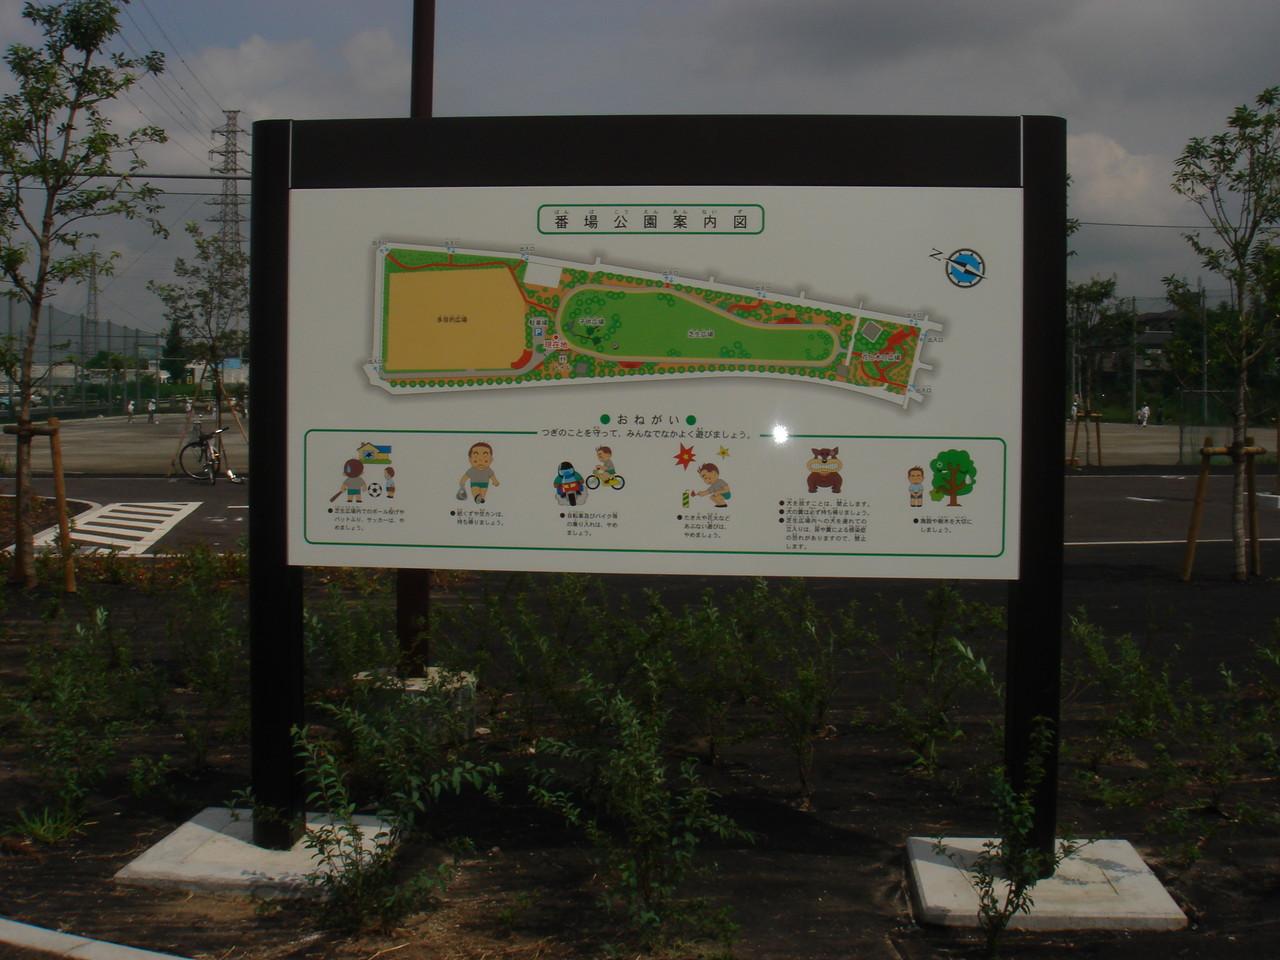 公園案内サイン製作設置例(データ作成より)